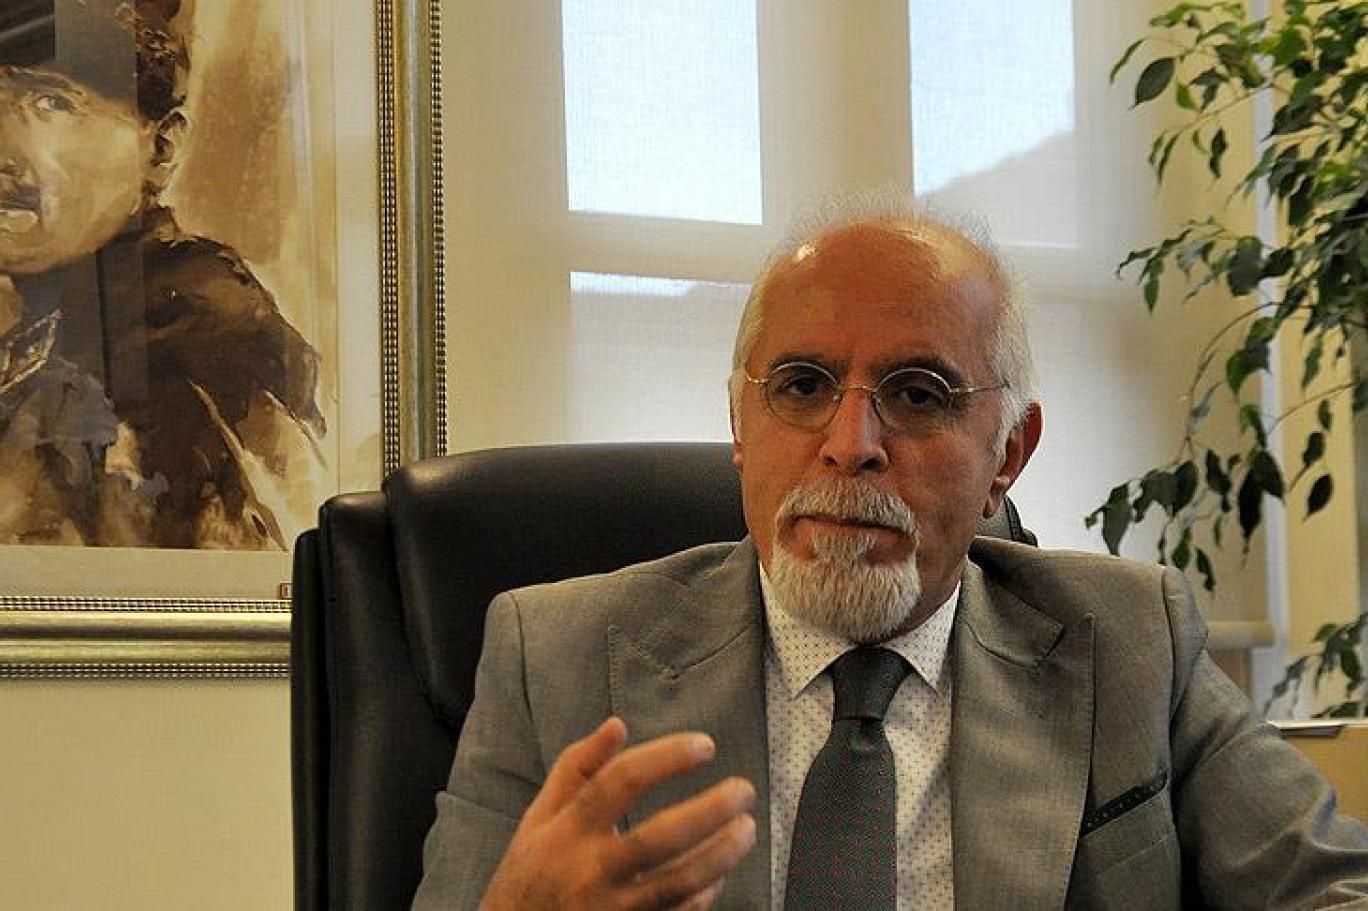 İstanbul Barosu Başkanı Durakoğlu'ndan Yargı Reformu Strateji Belgesi değerlendirmesi: Adına 'reform' diyemezsiniz